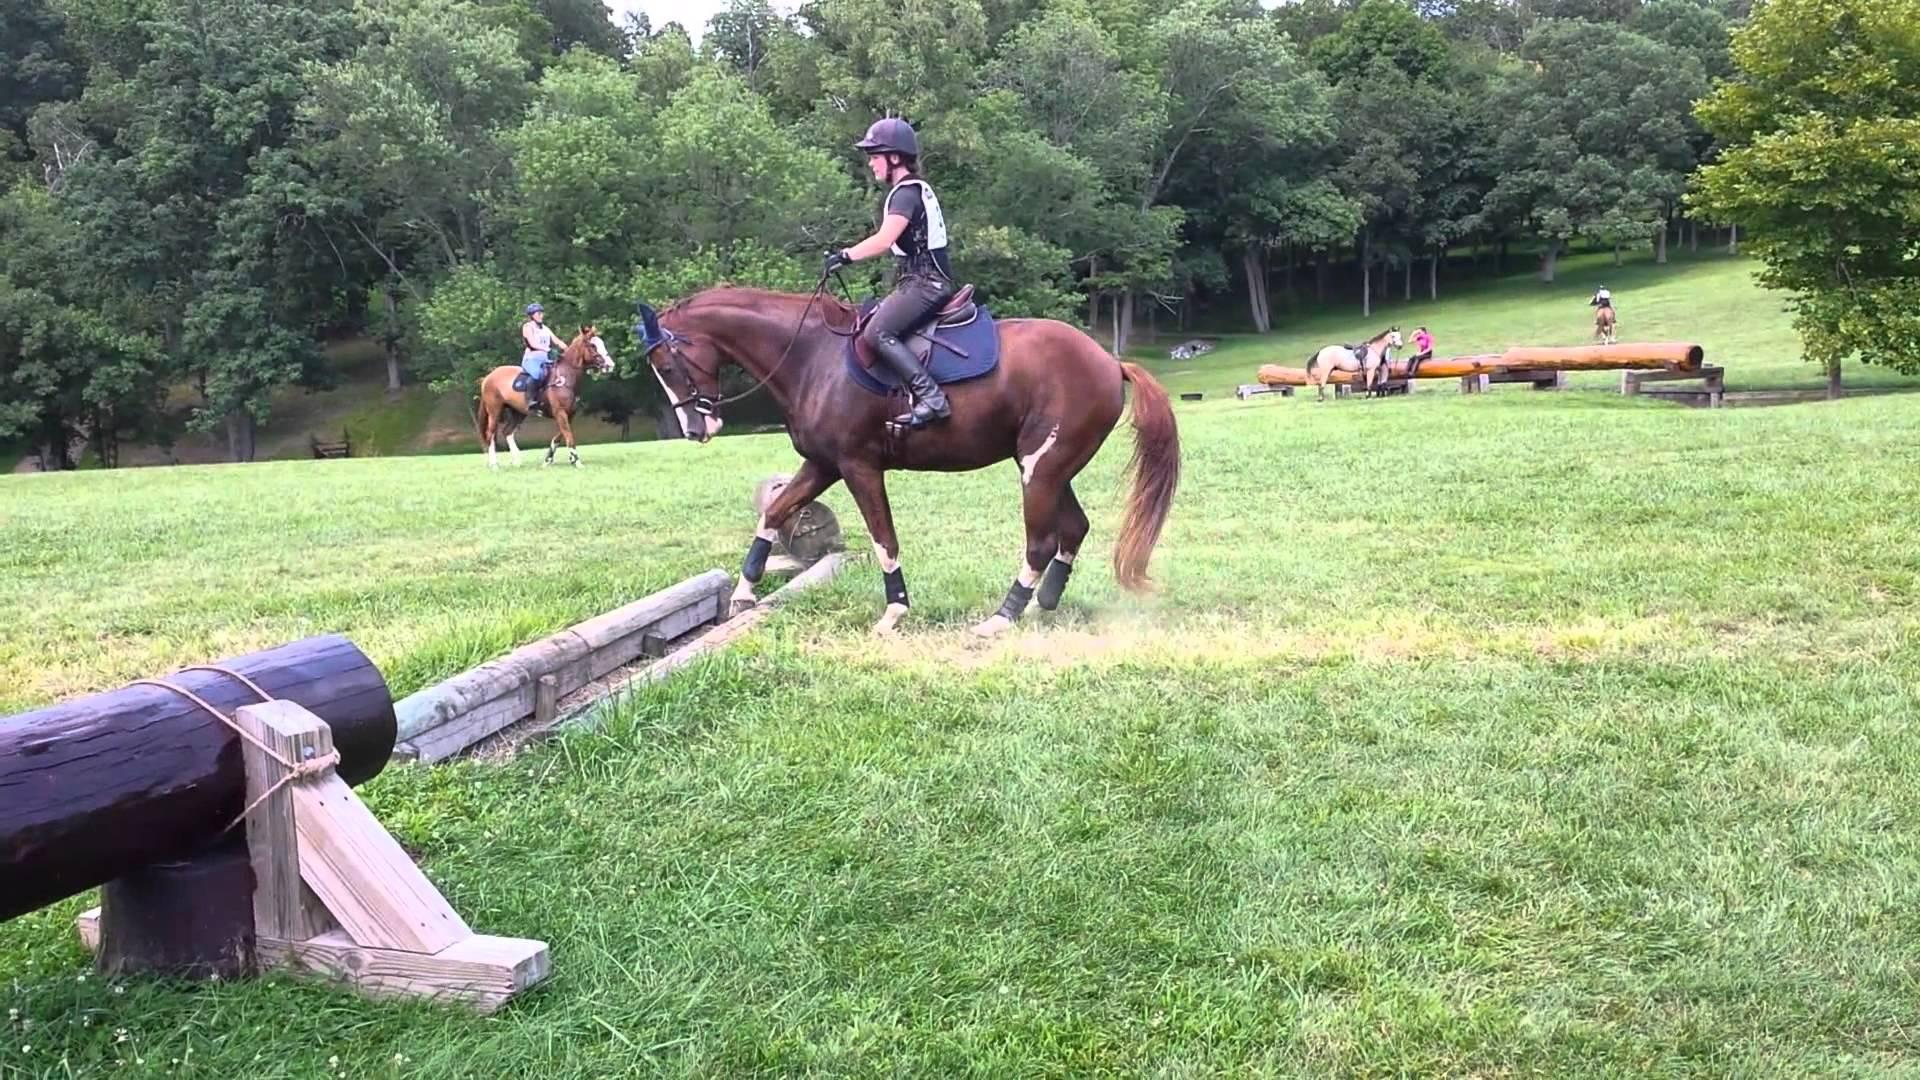 Hästen vägrar hoppa över hindret, sen plötsligt kommer den på en briljant lösning!